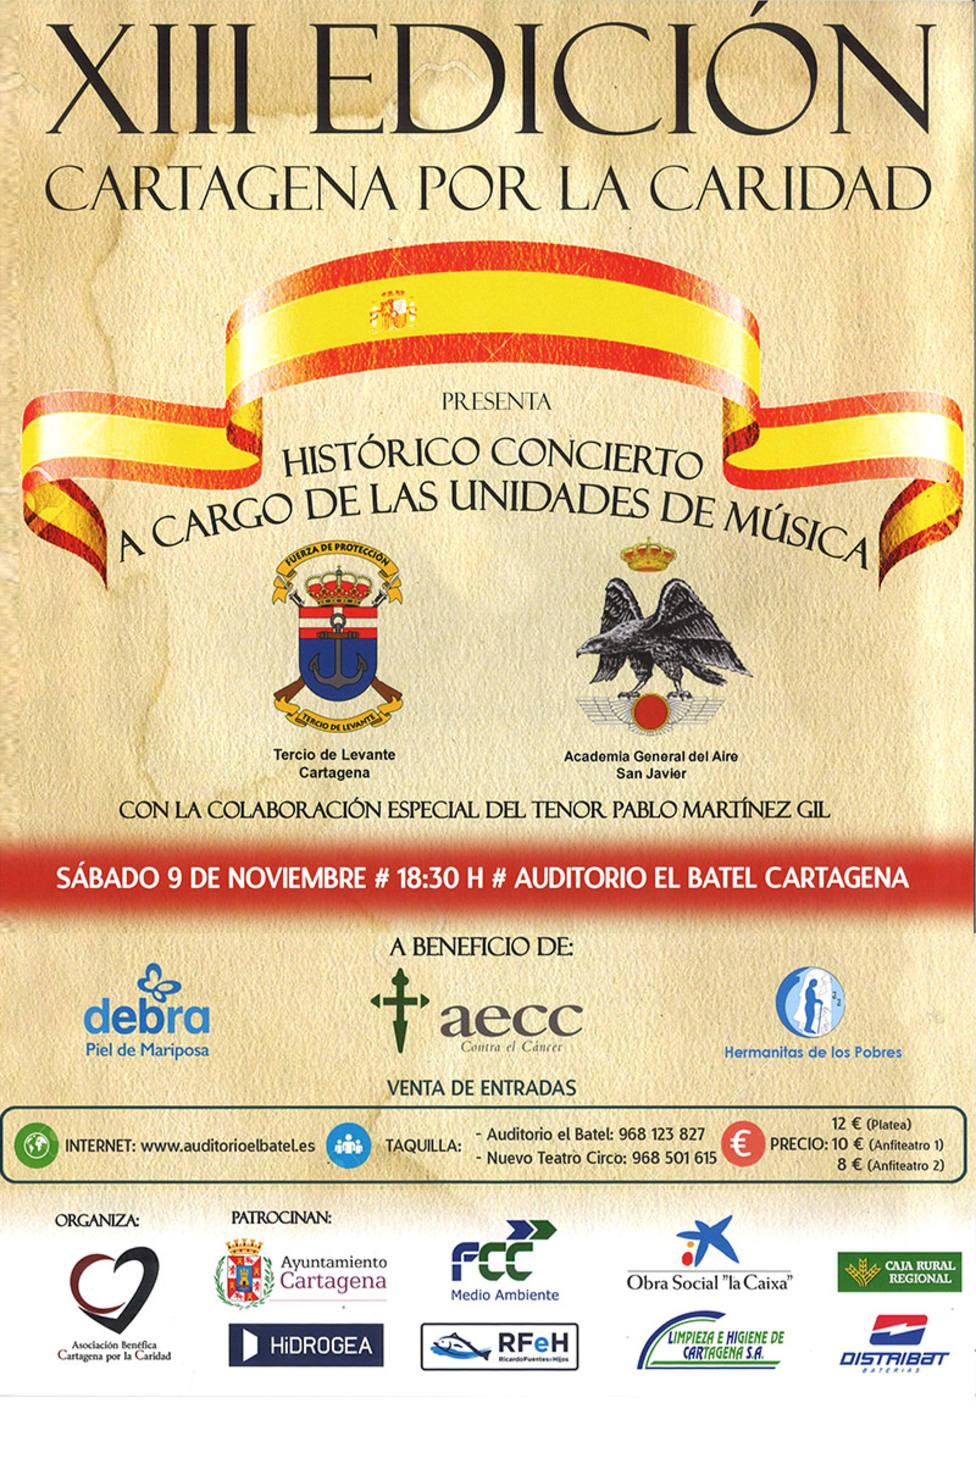 Cartagena presenta una agenda cargada de actividades